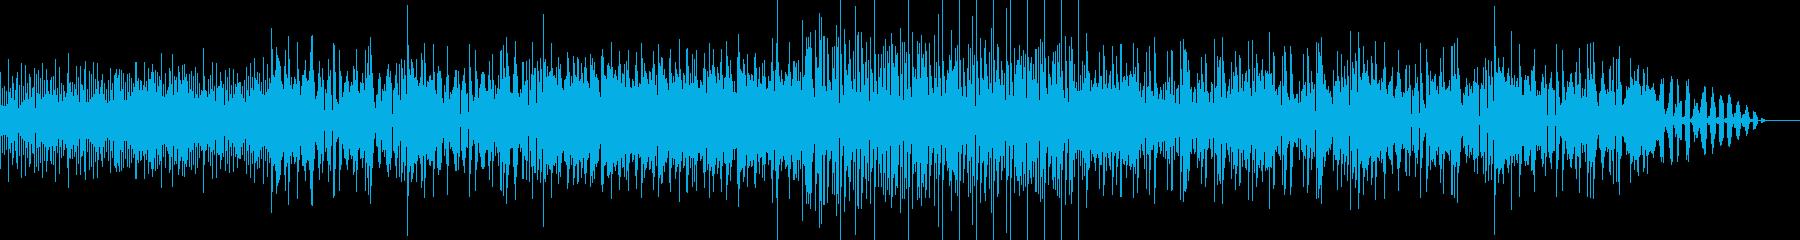 気怠い雰囲気から明るいポップへの変化の曲の再生済みの波形